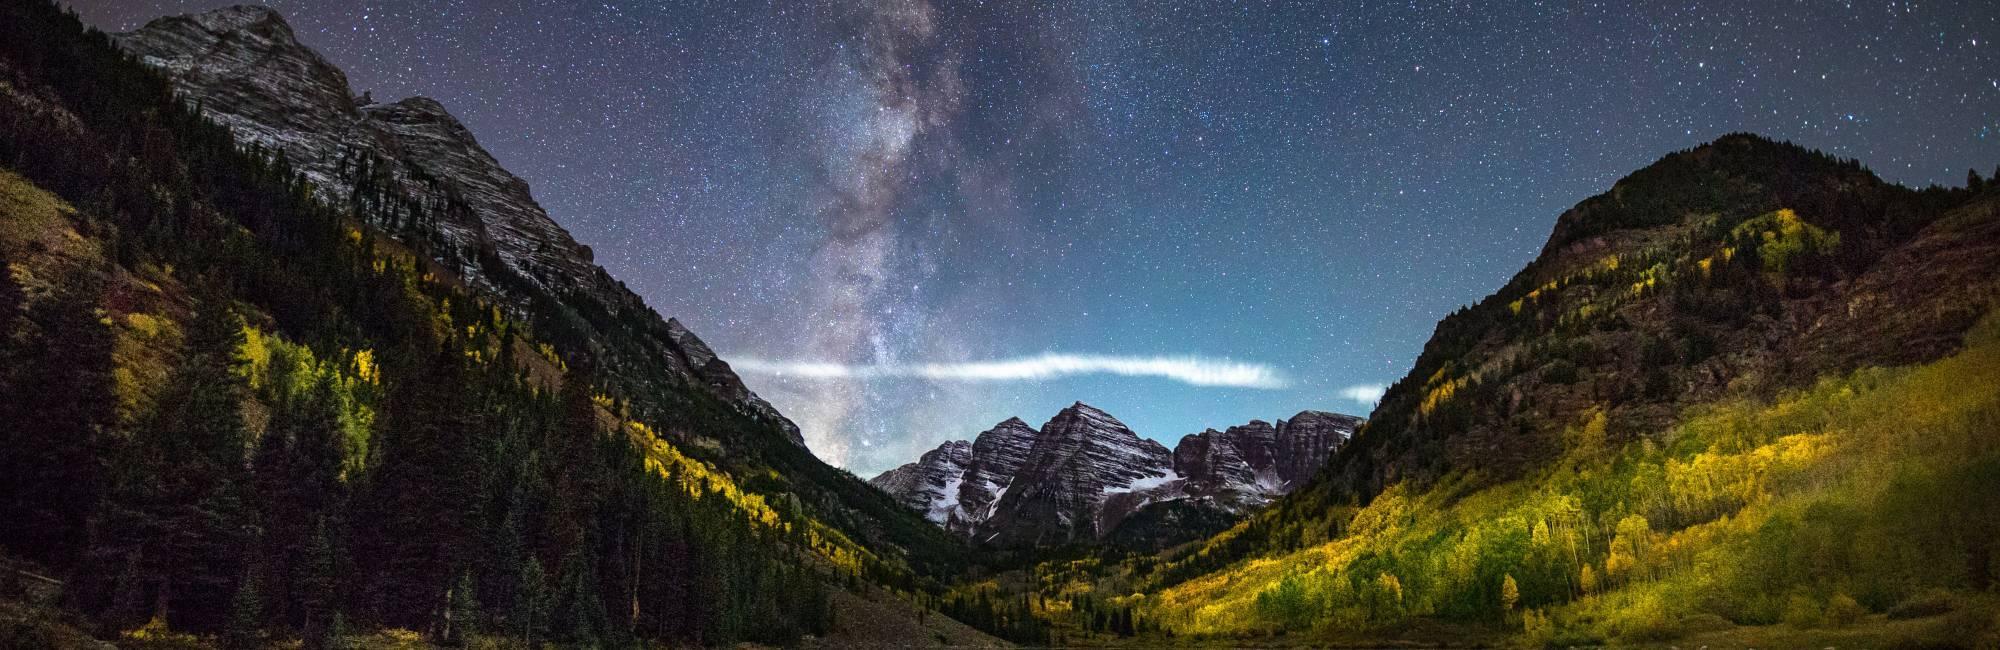 Milky Way over Maroon Bells.